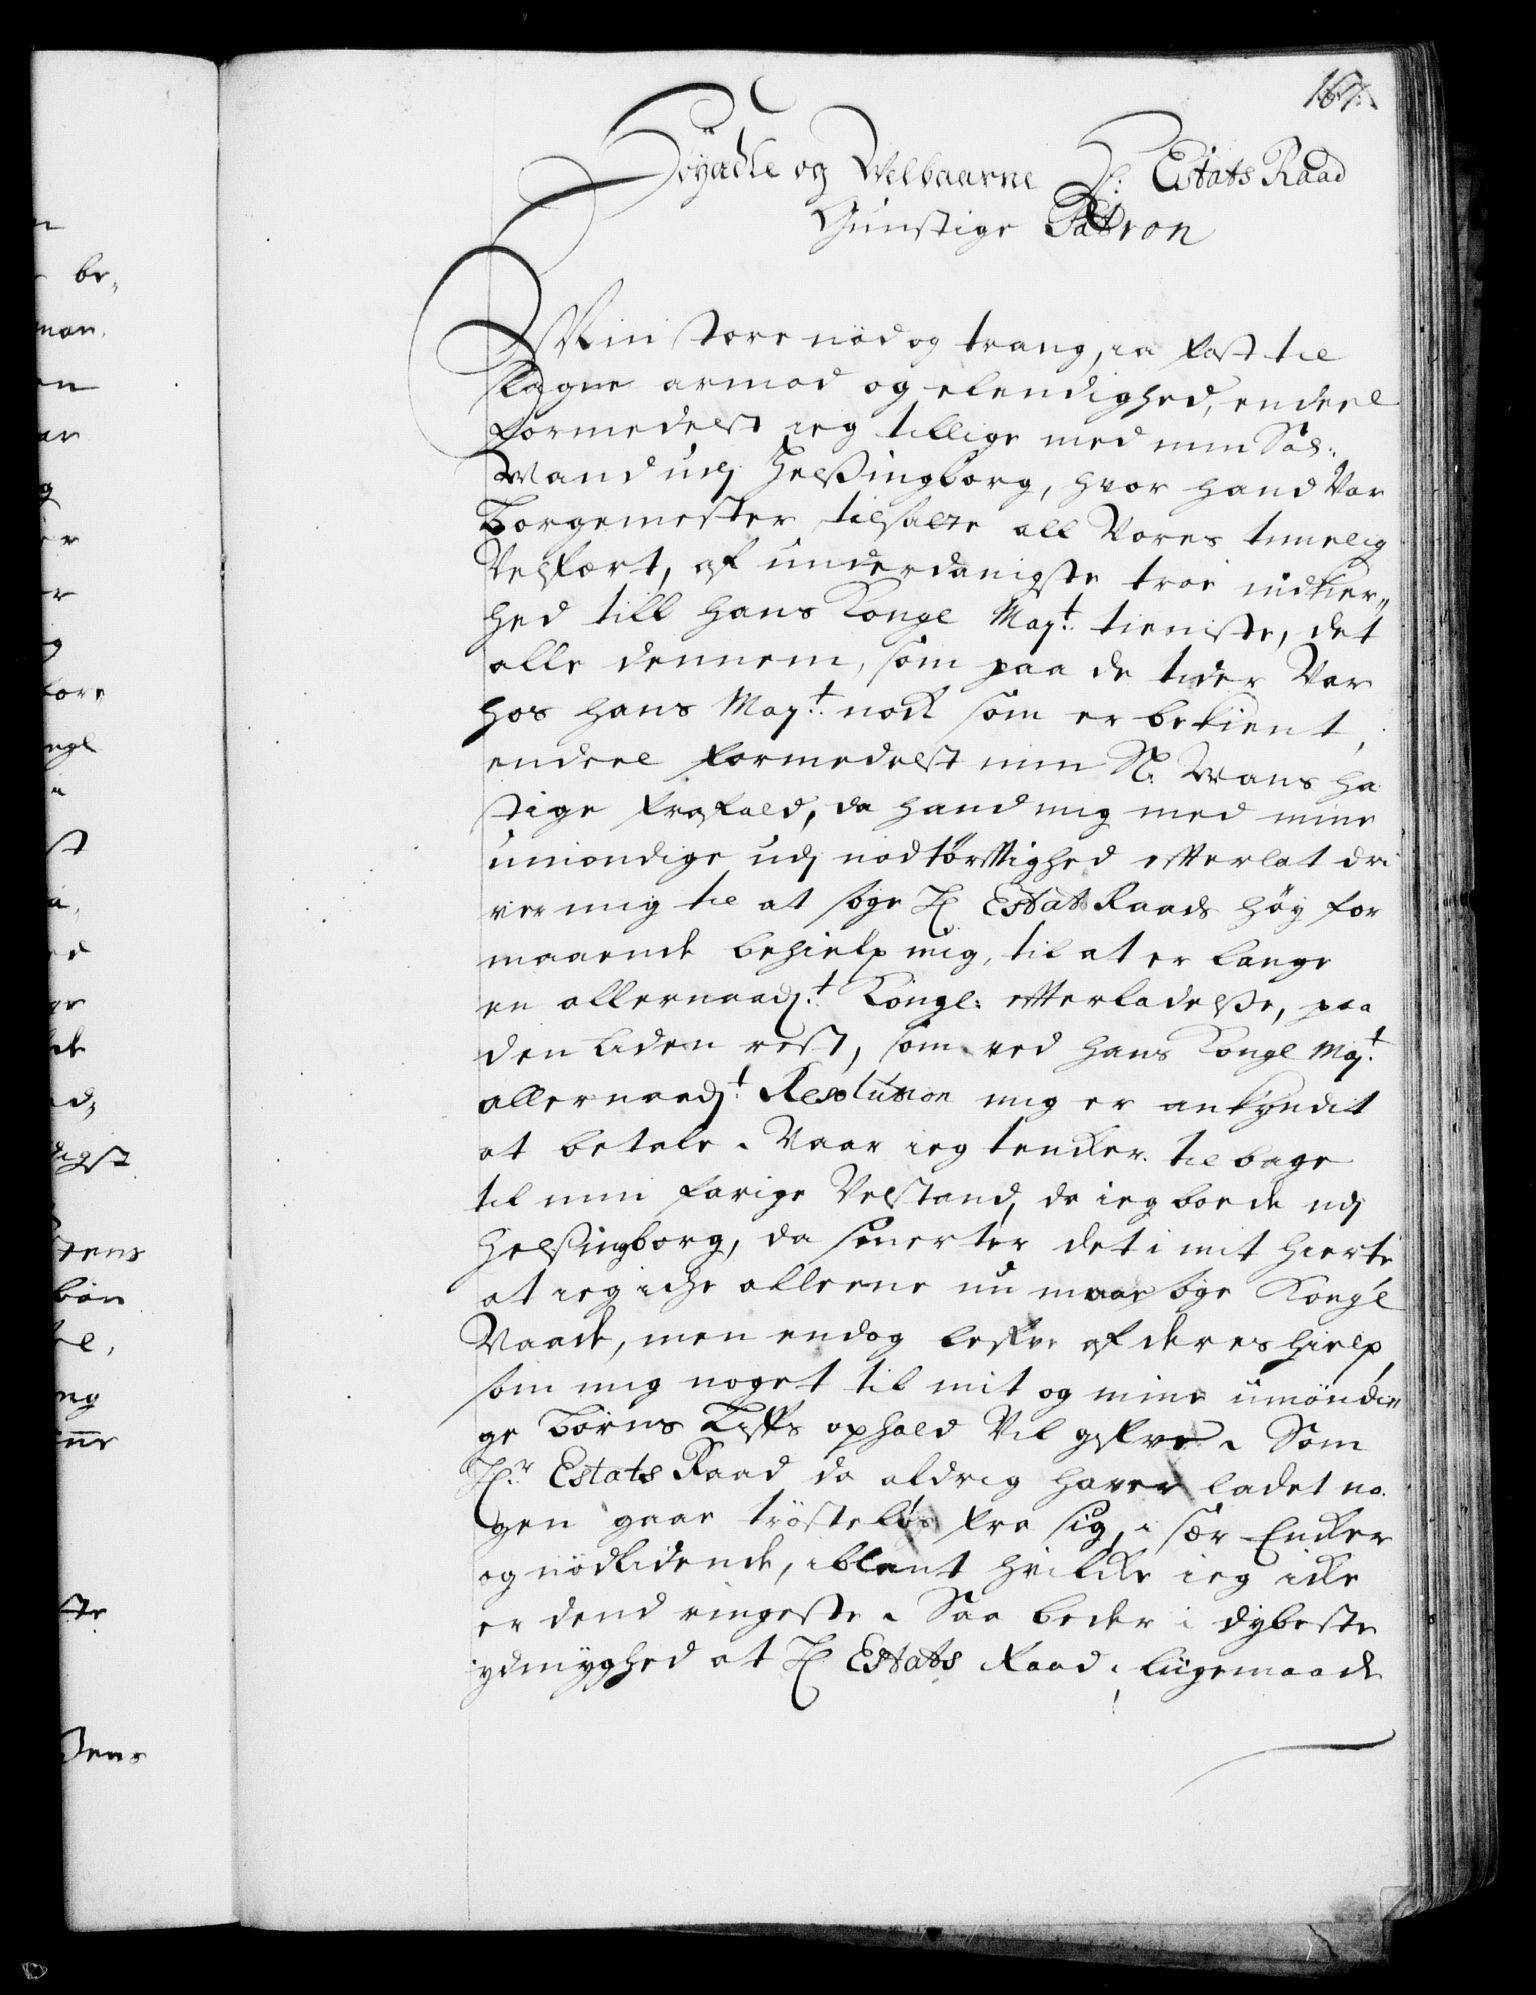 RA, Rentekammeret, Kammerkanselliet, G/Gf/Gfa/L0001: Resolusjonsprotokoll med register (merket RK 52.1), 1695-1706, s. 167